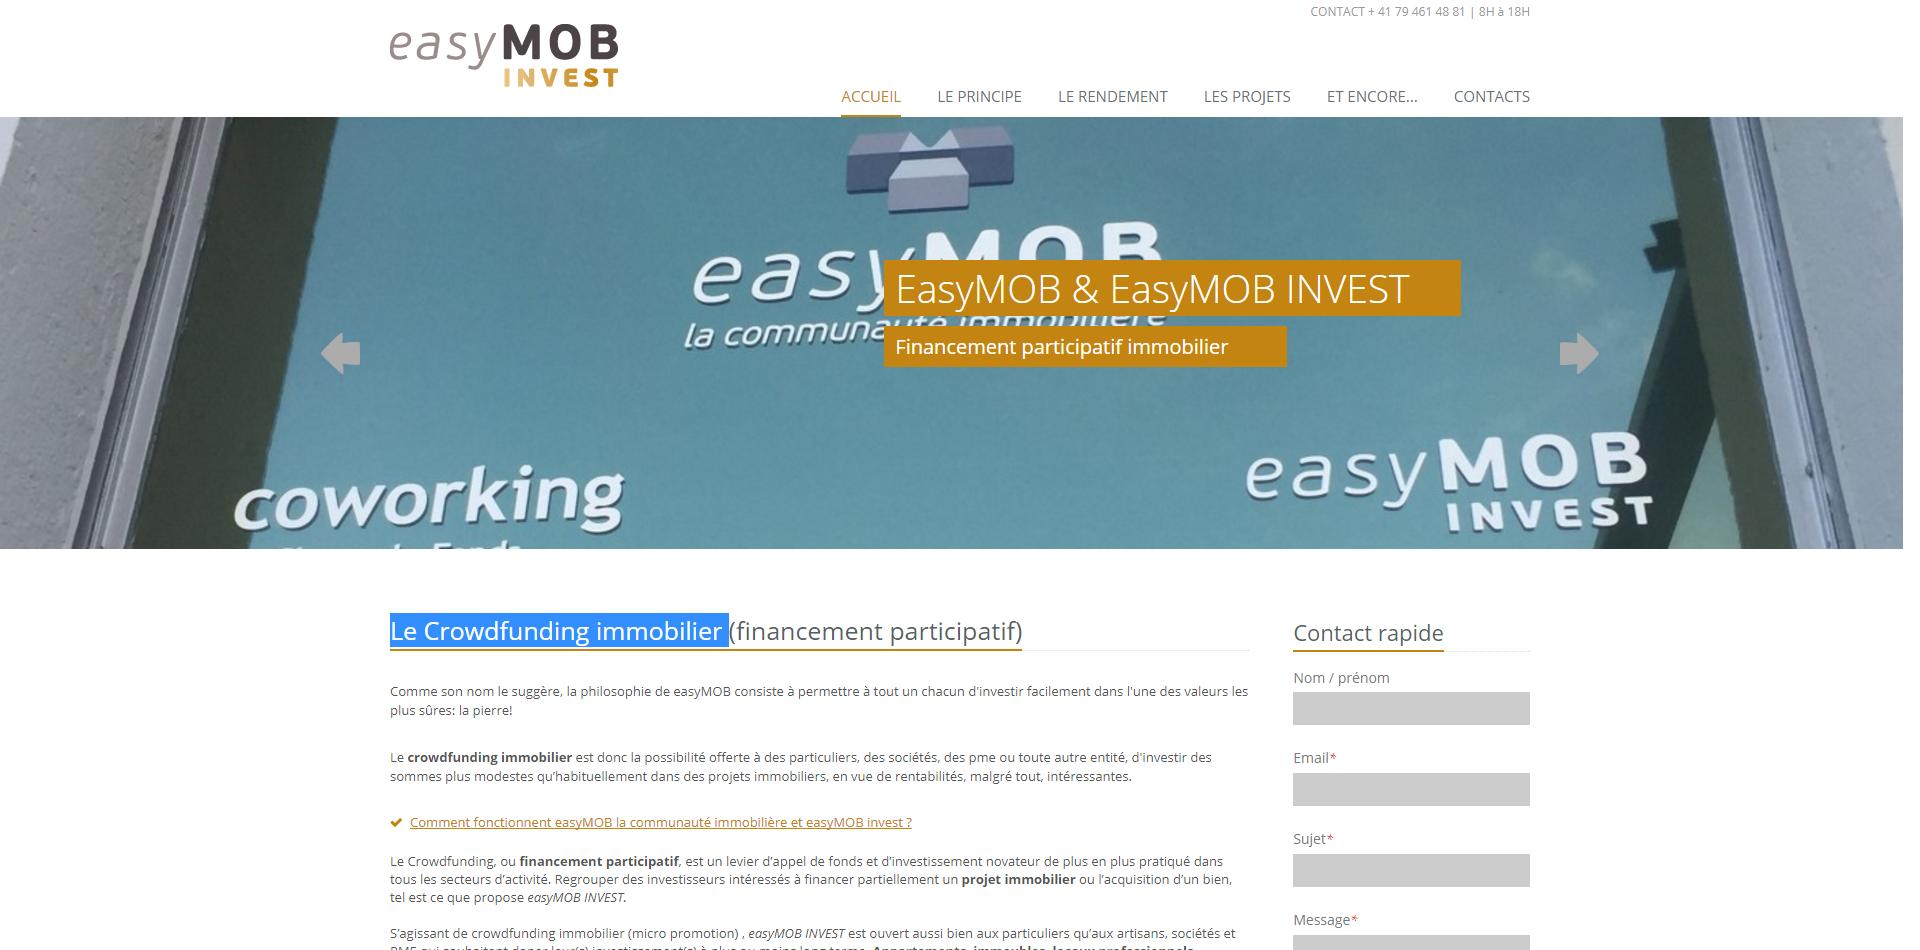 Investissement : qu'est ce que le crowdfunding immobilier